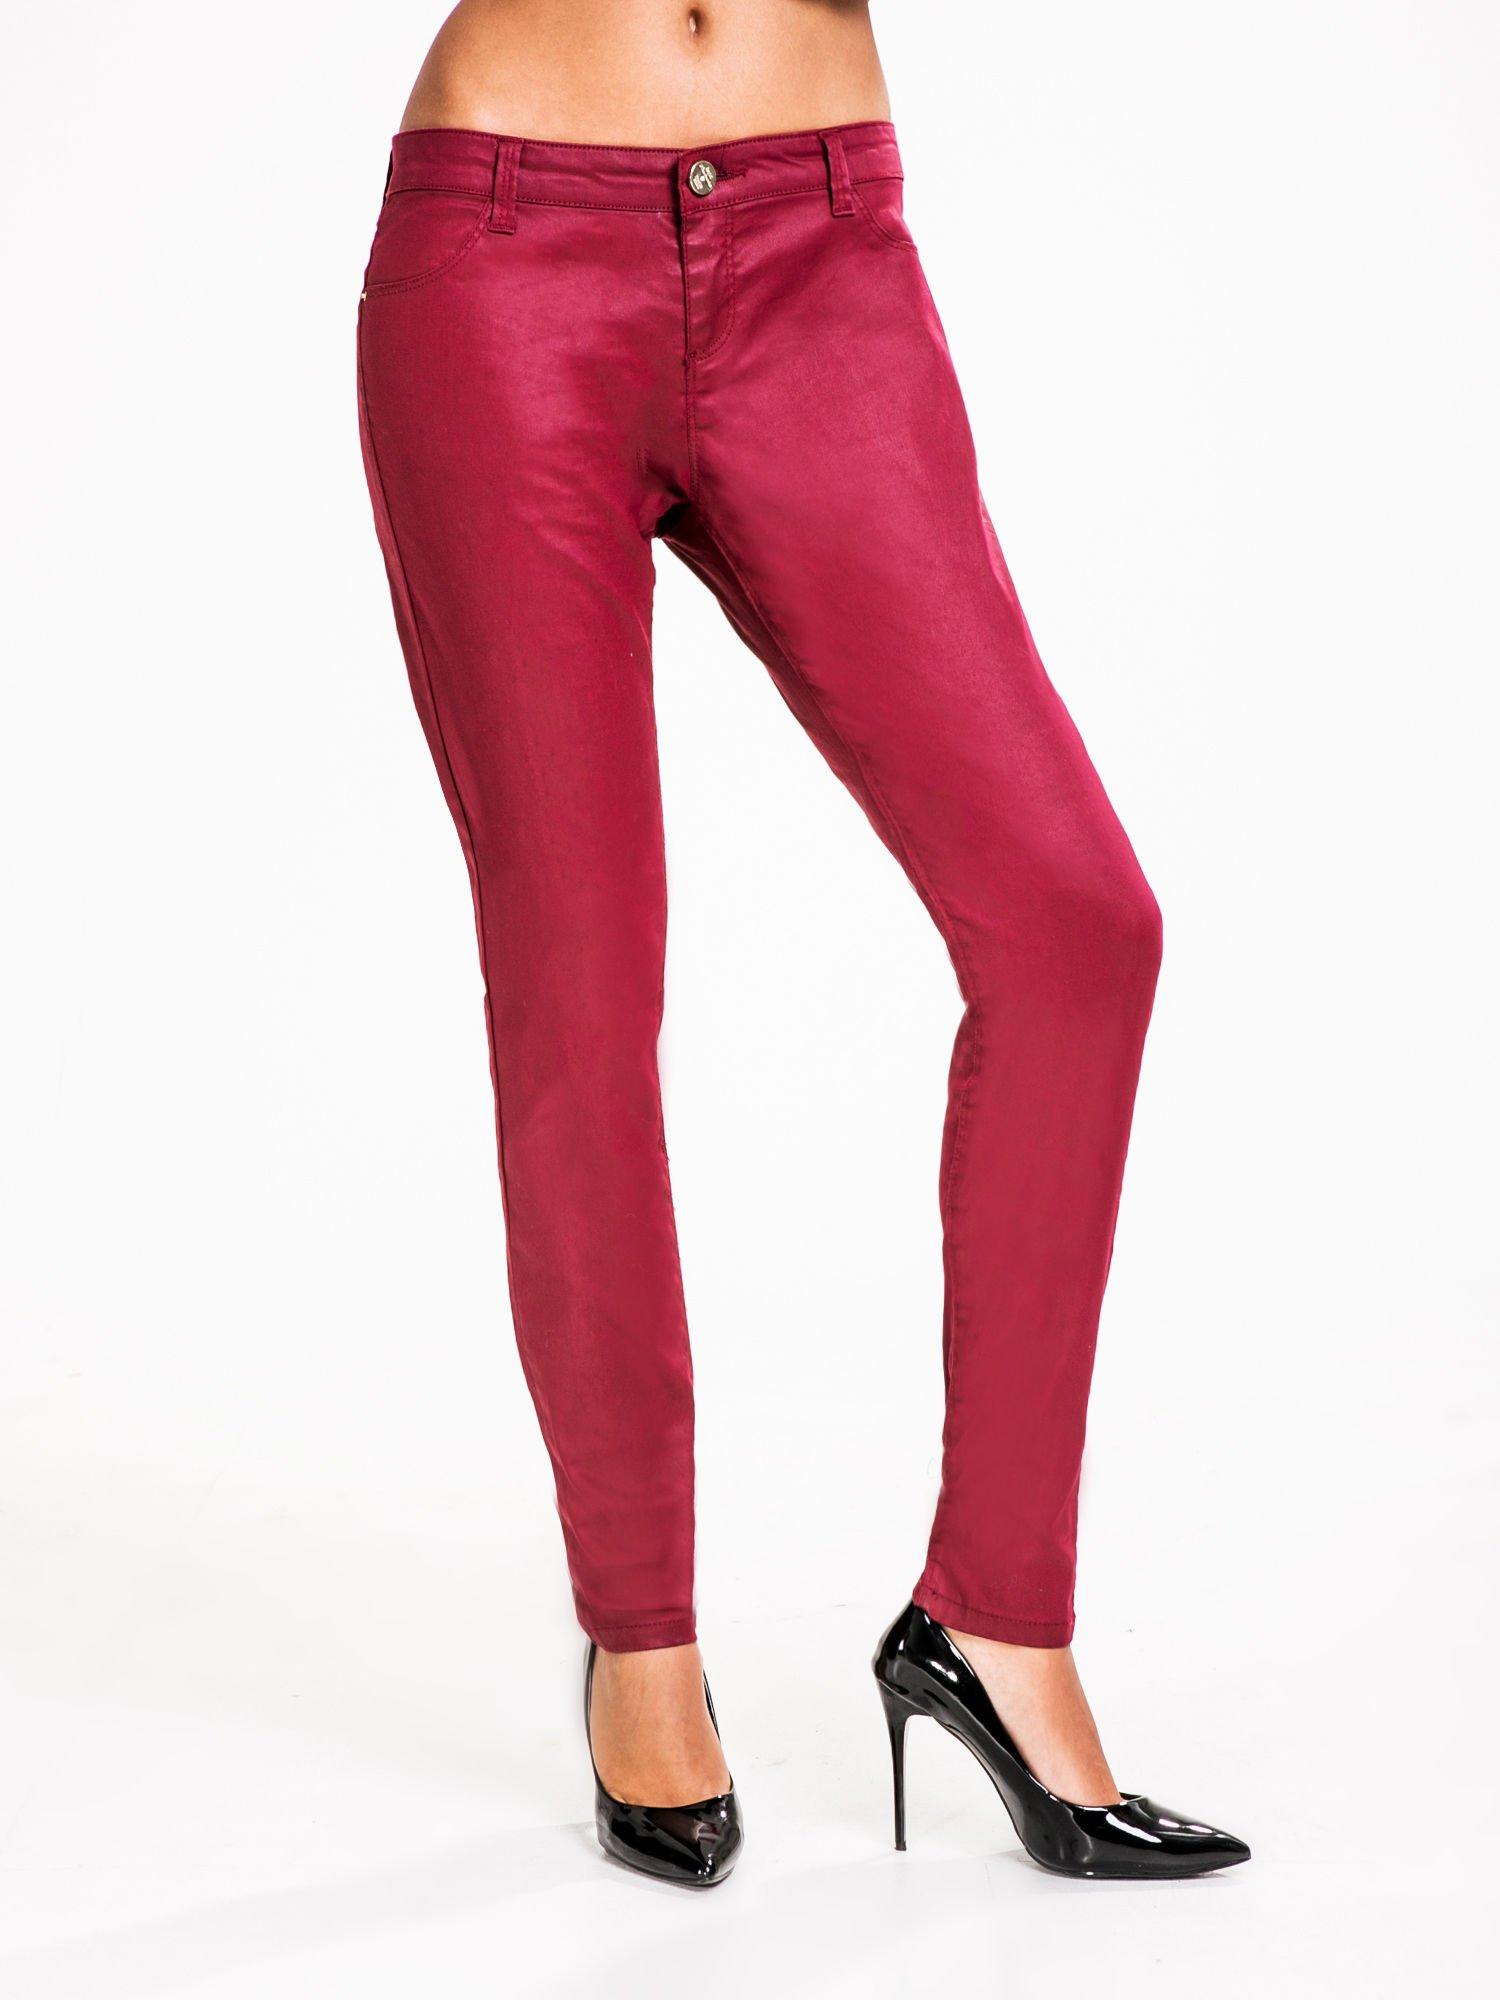 STRADIVARIUS Bordowe spodnie rurki woskowane                                  zdj.                                  1